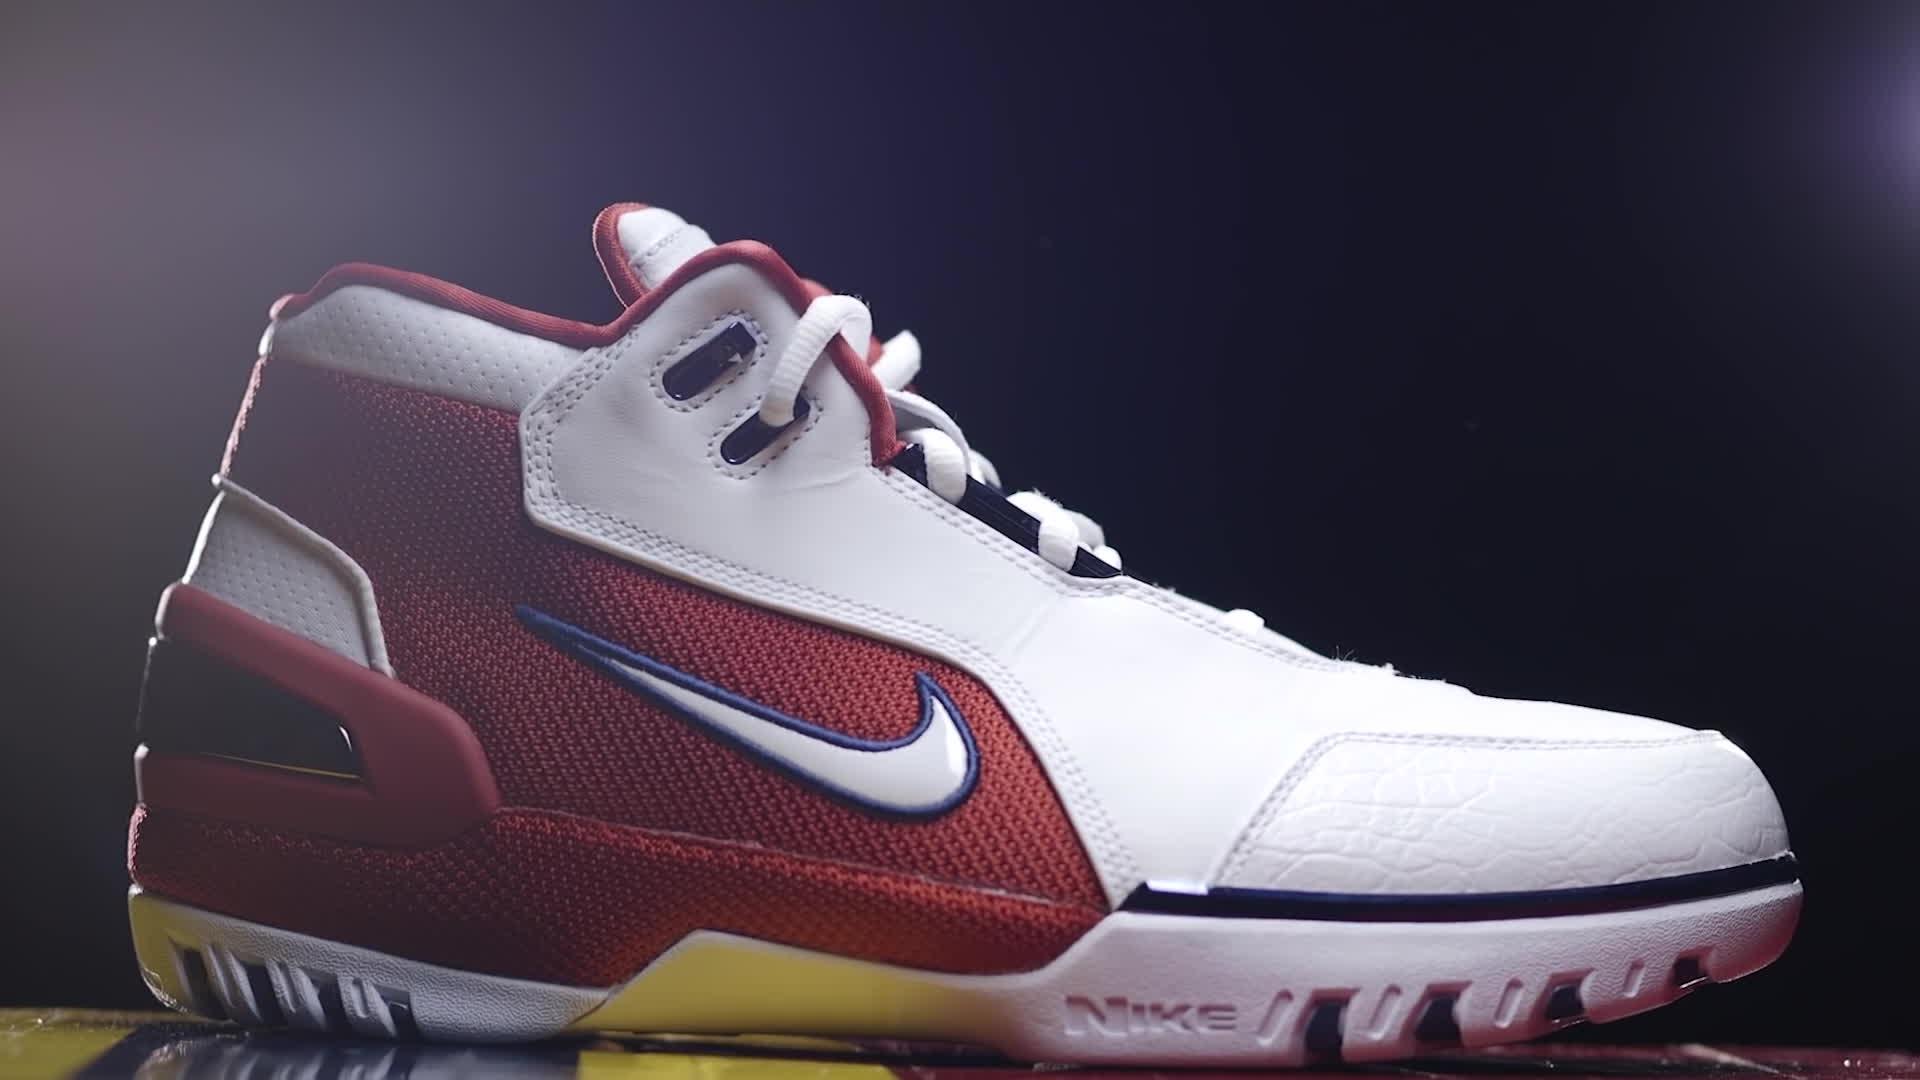 Lão đại Nike và những sáng kiến không tưởng!